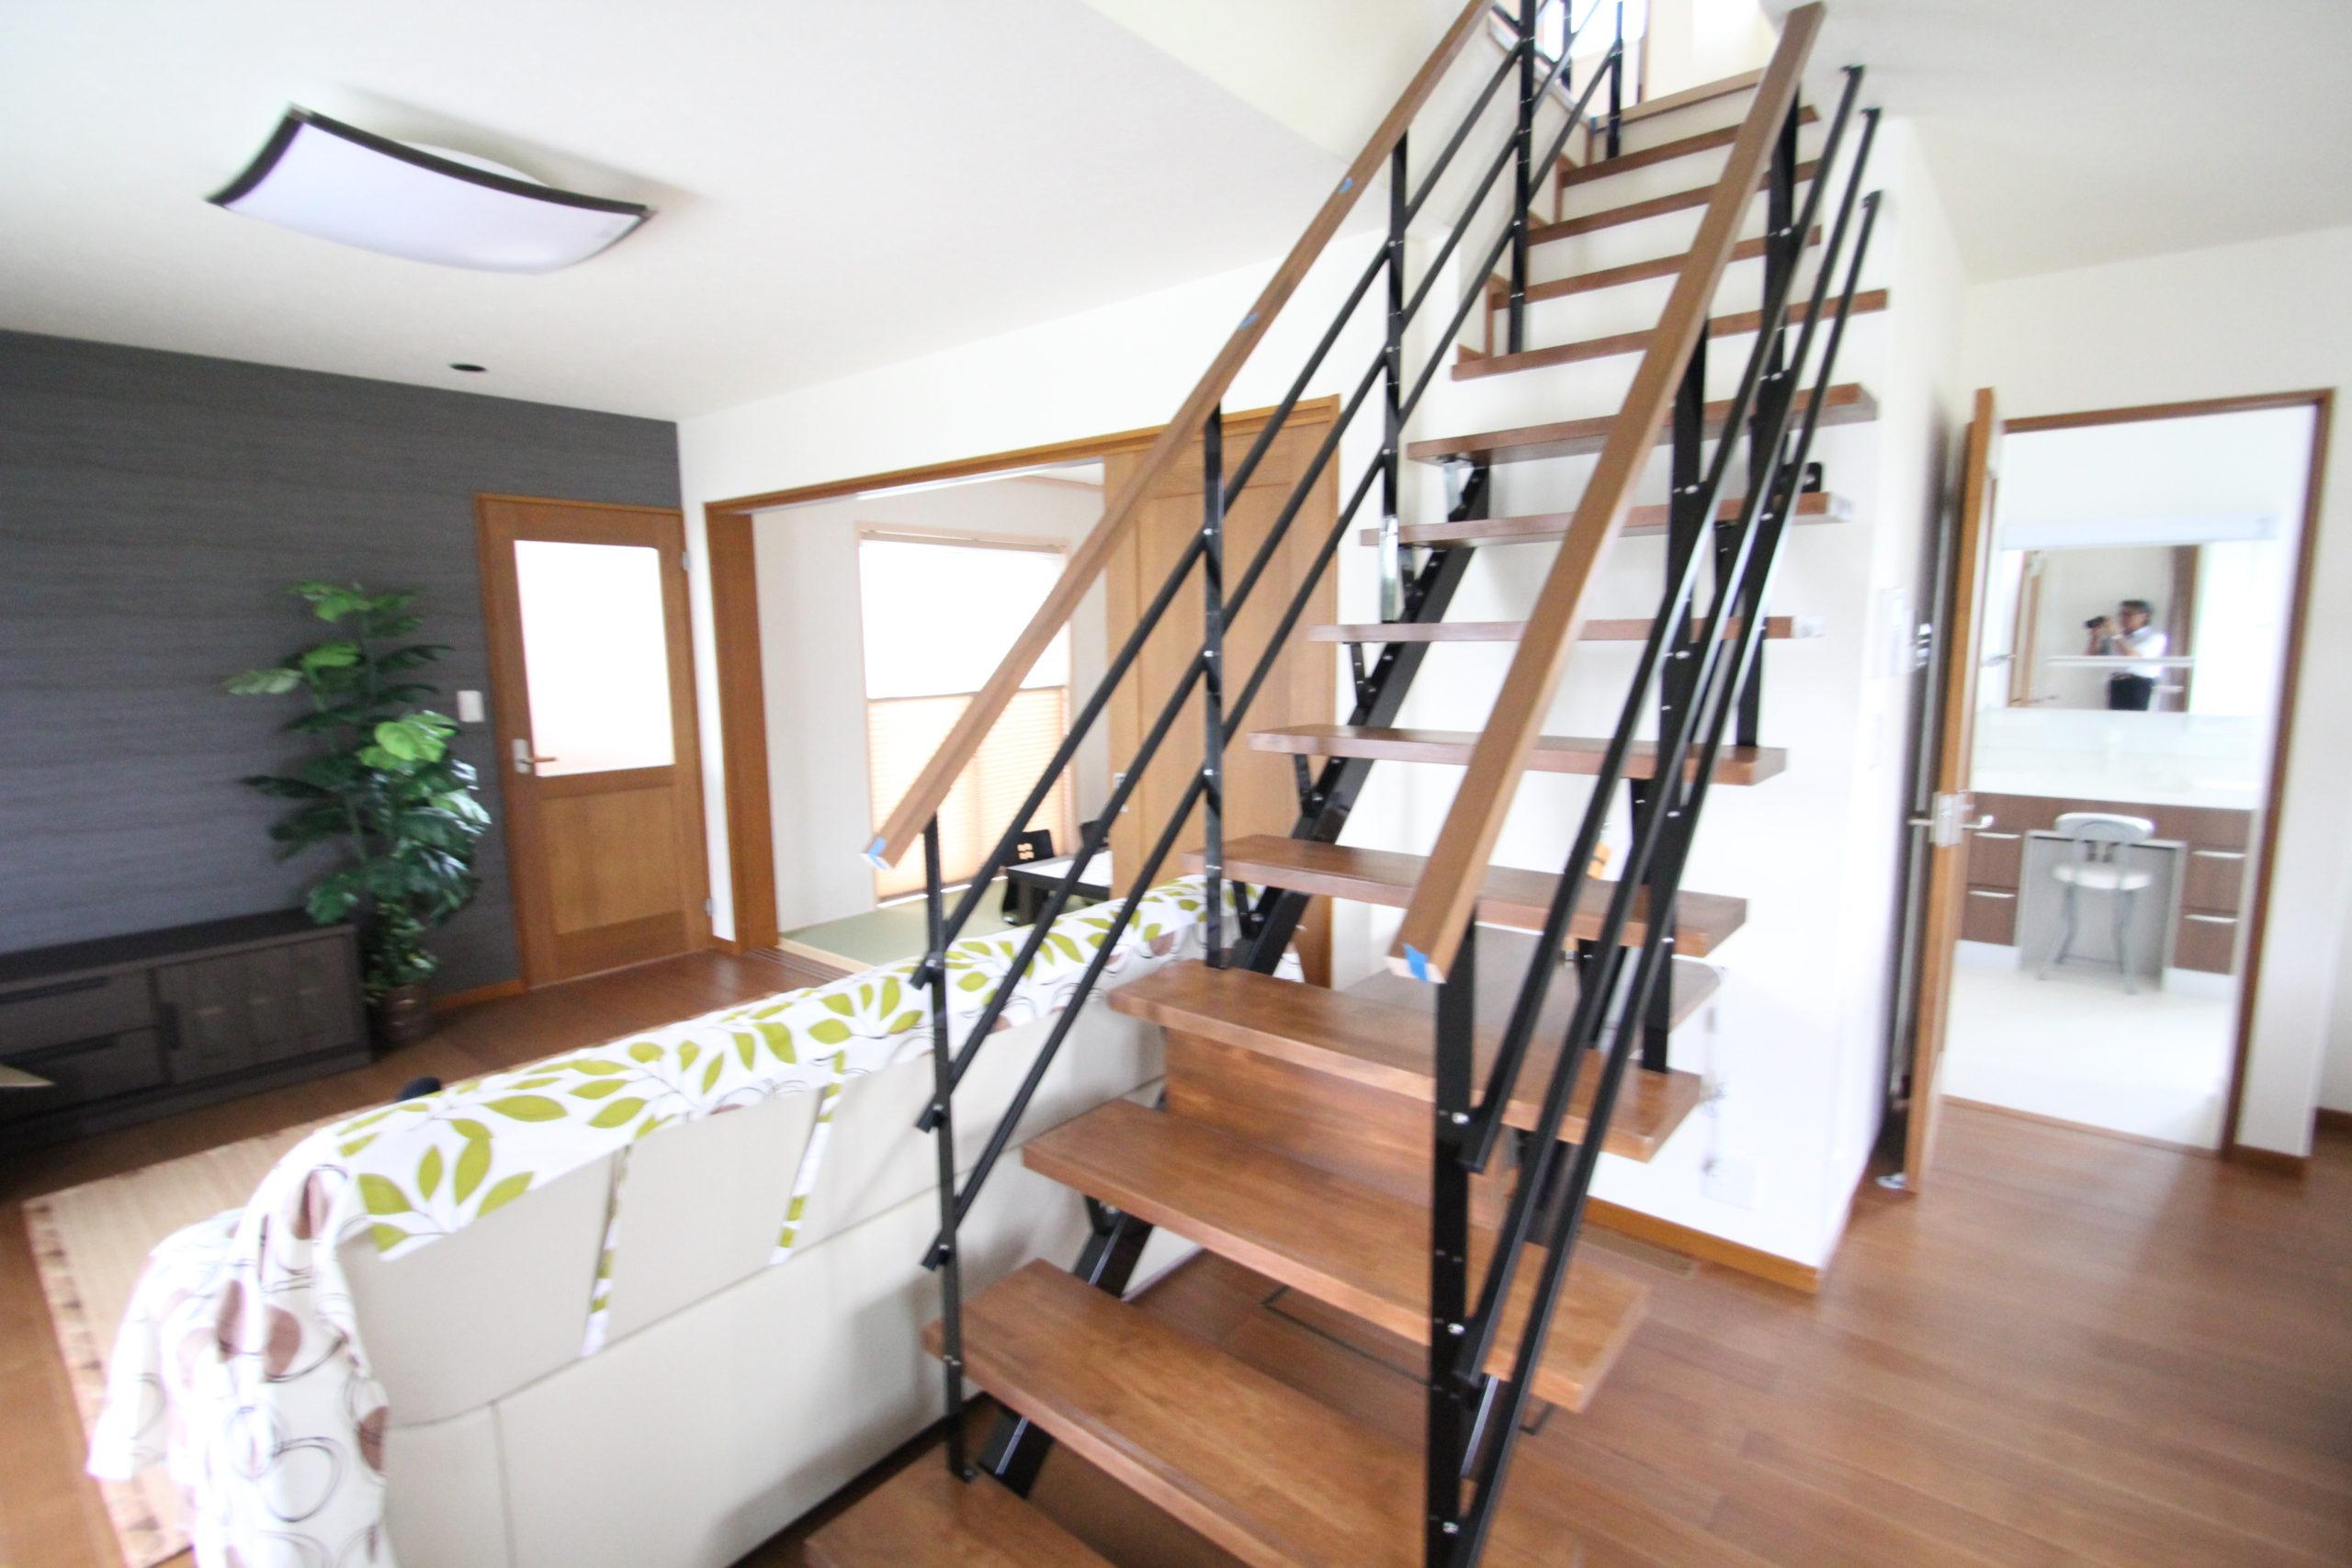 リビングとダイニングの中央に設けられたスケルトン階段壁がない分広く感じます